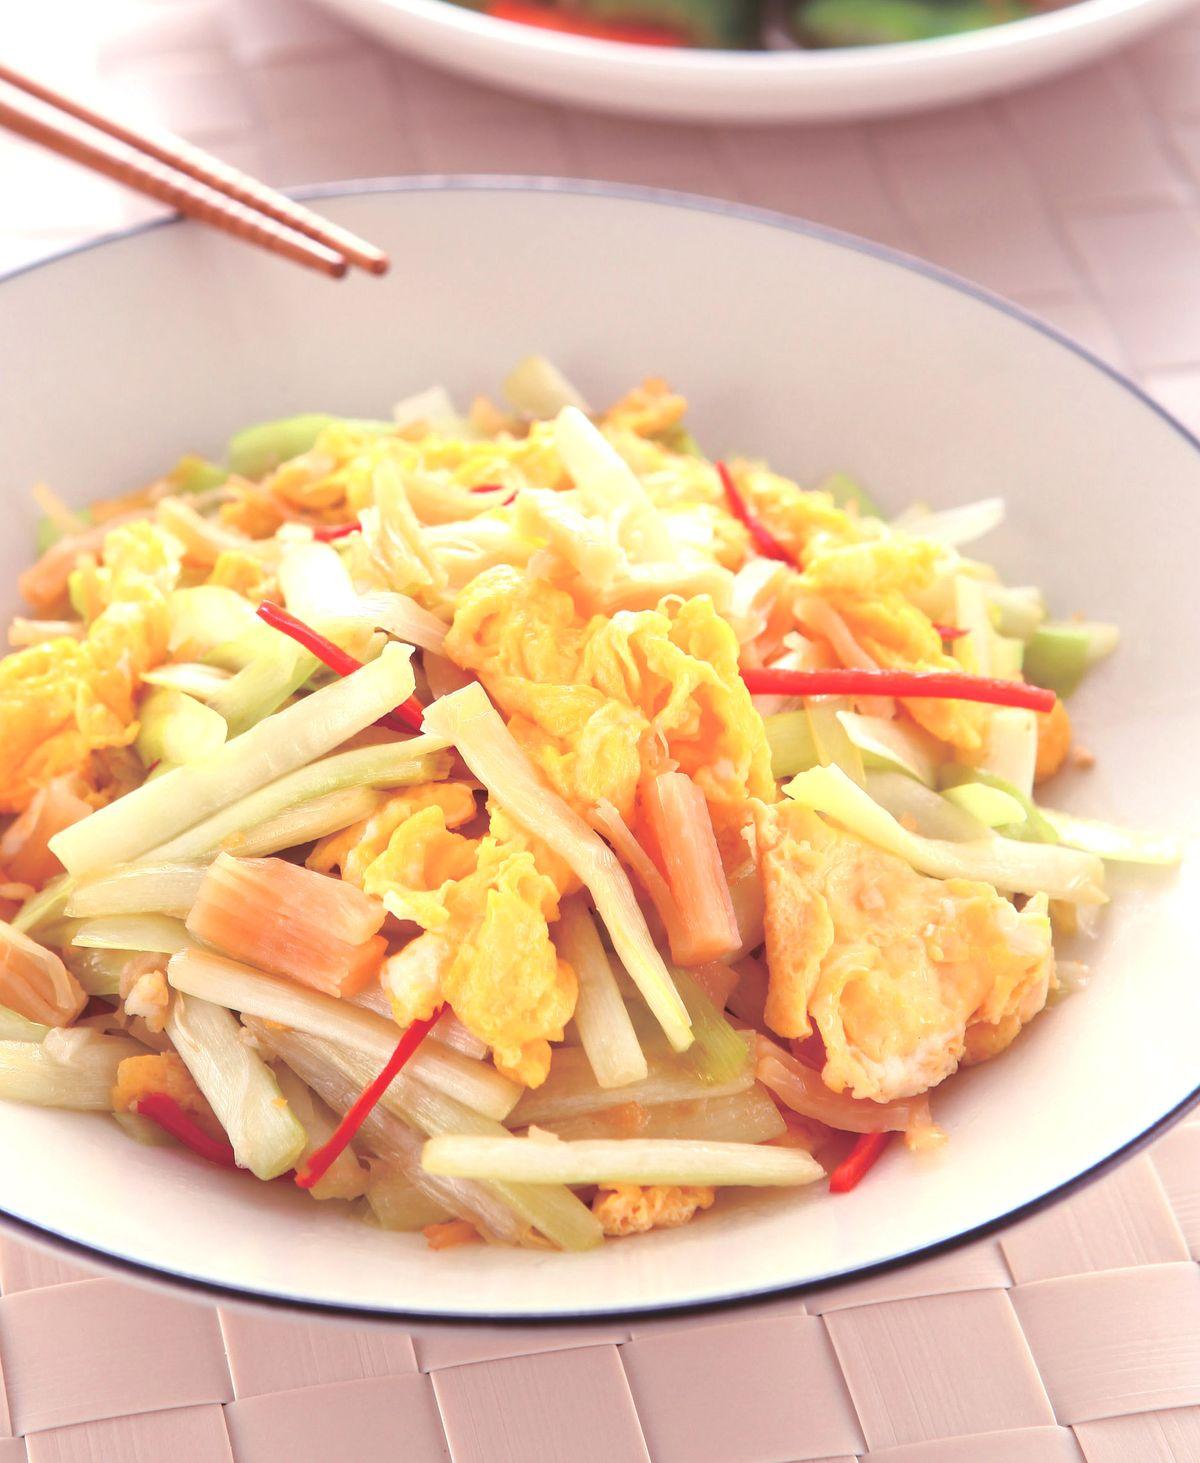 食譜:瑤柱韭黃炒蛋